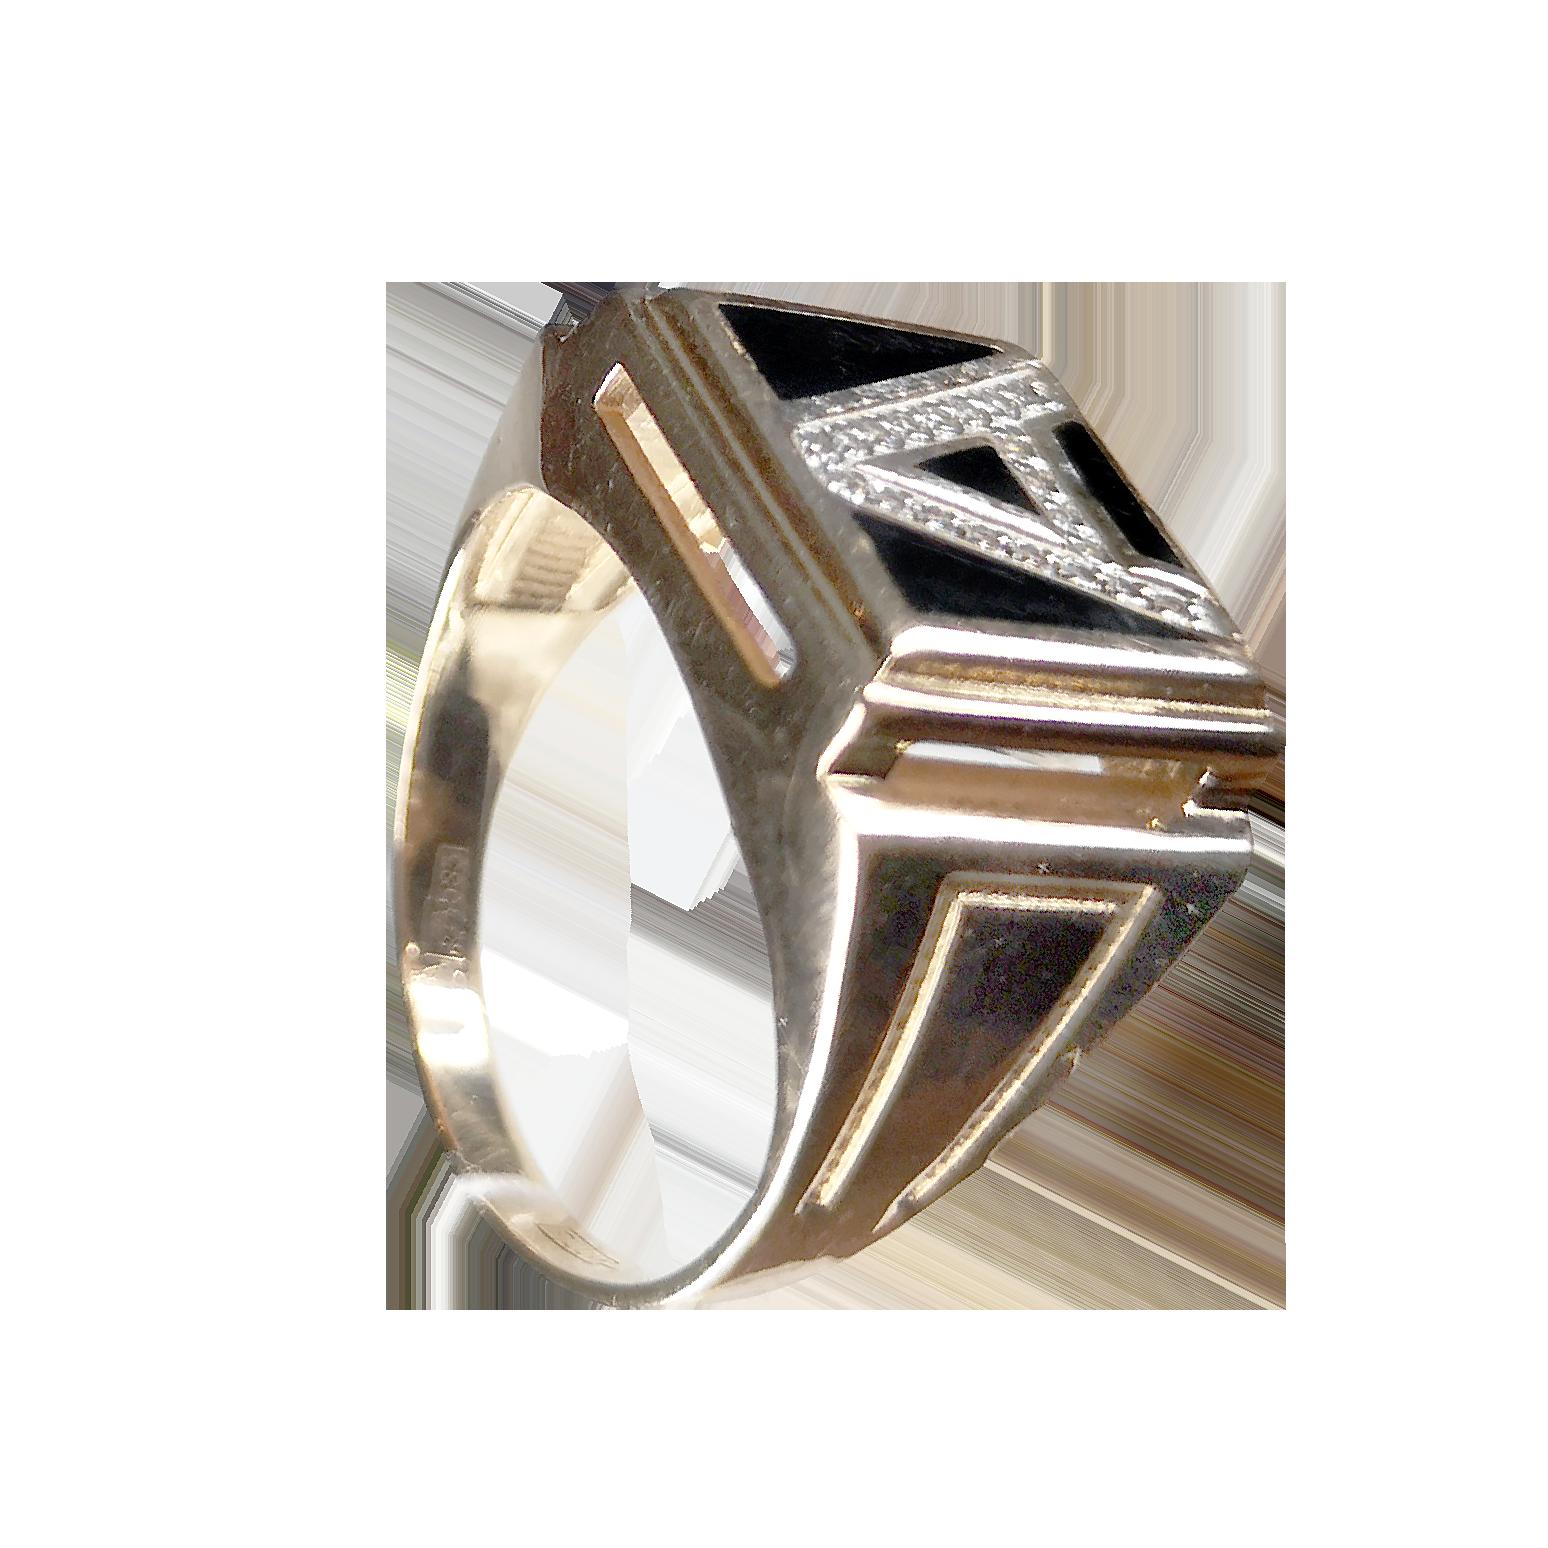 Кольцо иззолота свставкой из камня